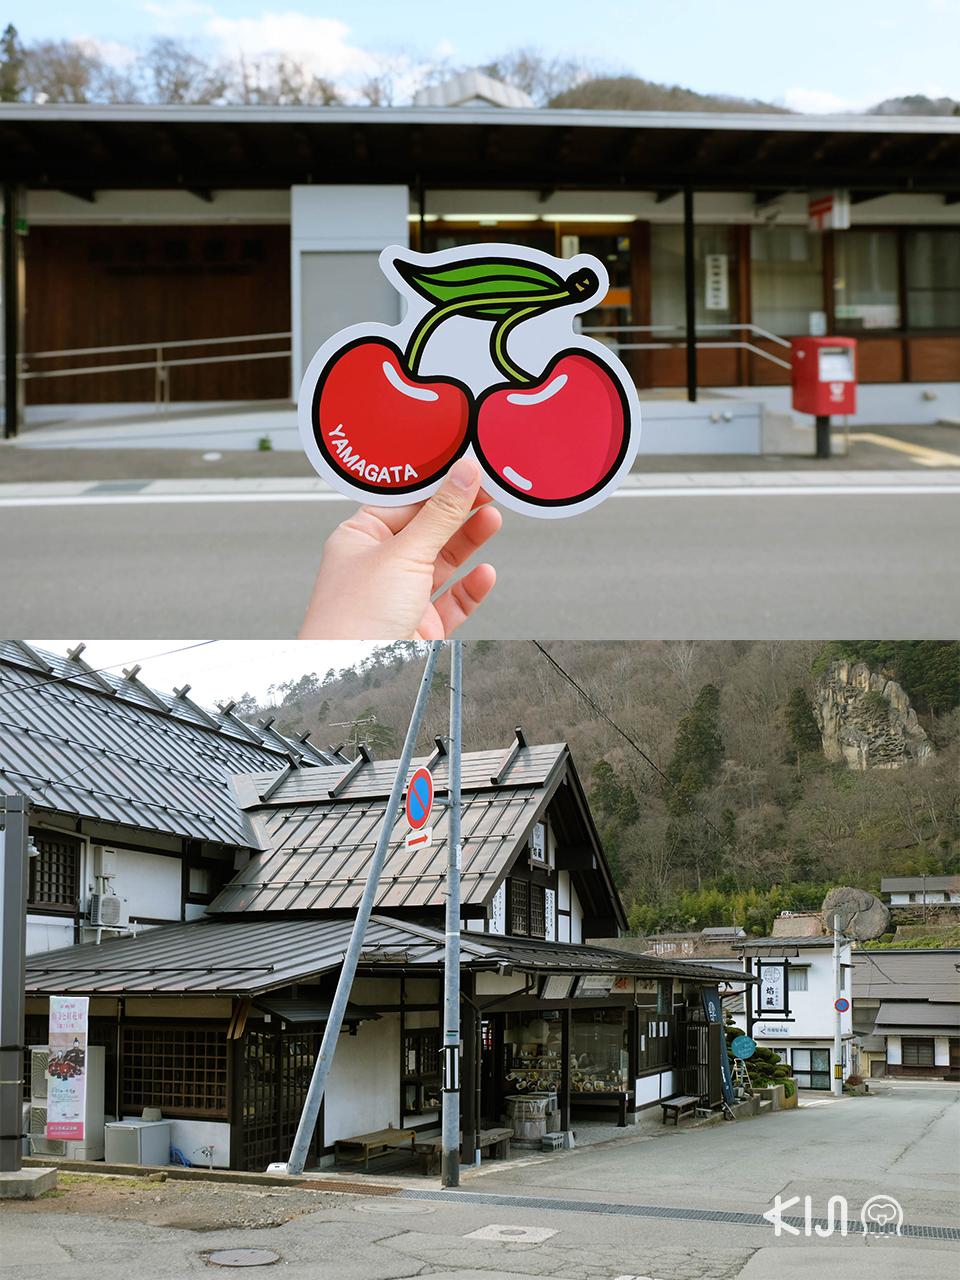 เที่ยวยามากาตะ (โยเนซาวะ และ ยามาเดระ) : จุดจำหน่ายโปสการ์ดที่ ไปรษณีย์